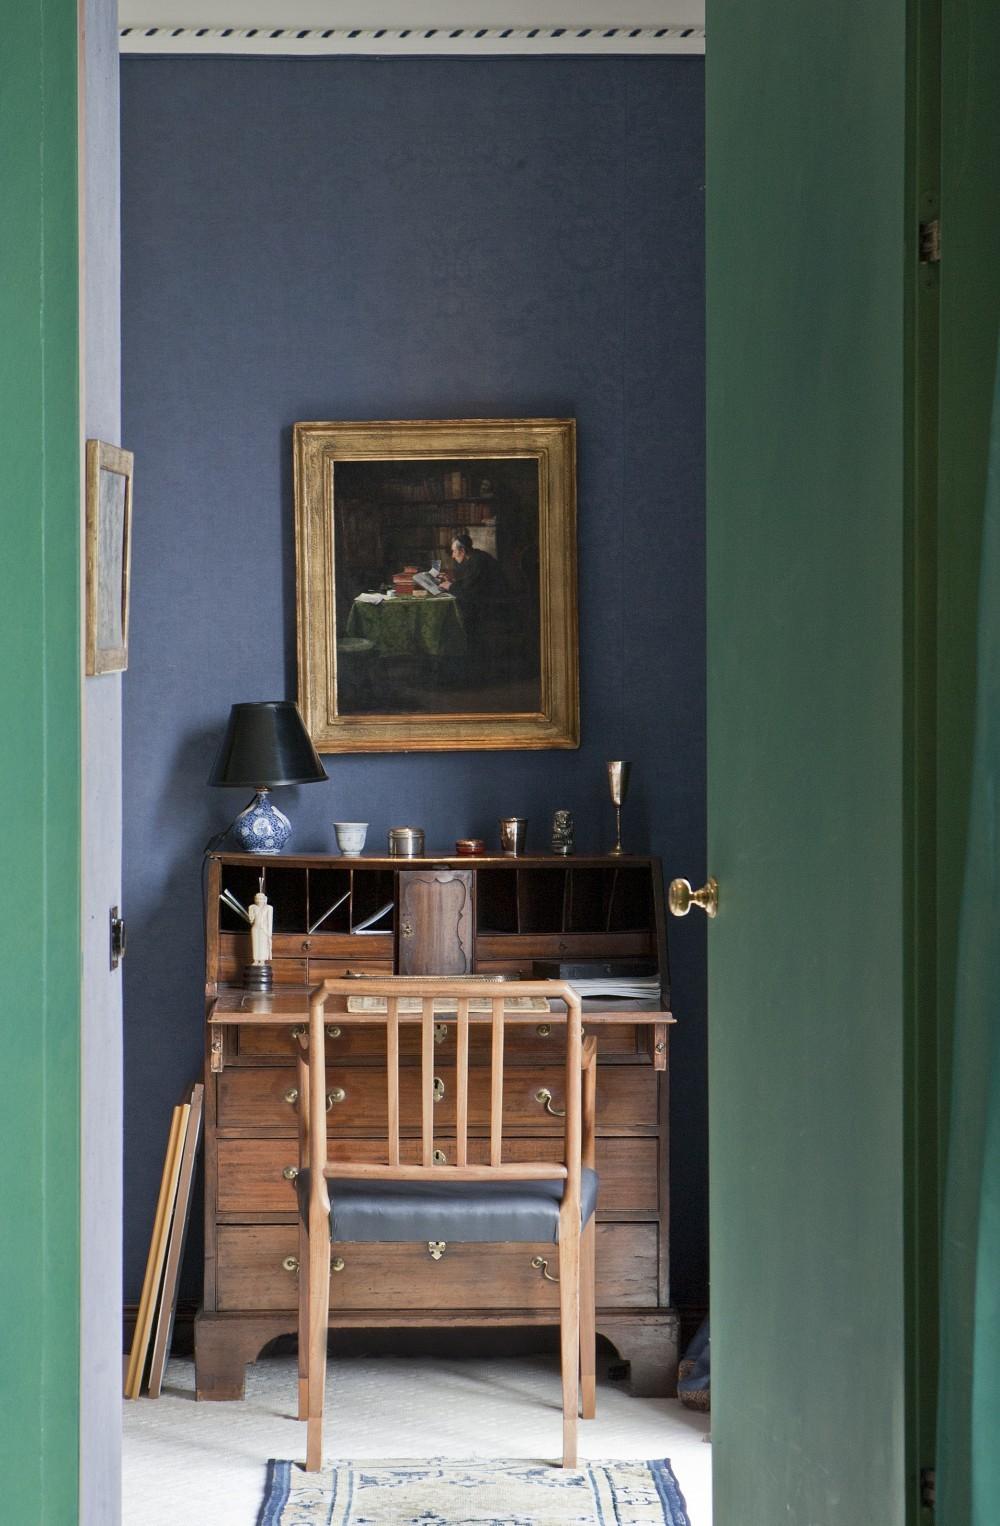 Der Arbeitsplatz im unteren Schlafzimmer. Über dem englischen Mahagoni-Sekretär hängt ein Portrait eines lesenden Mannes, den Fußboden ziert ein chinesischer Teppich